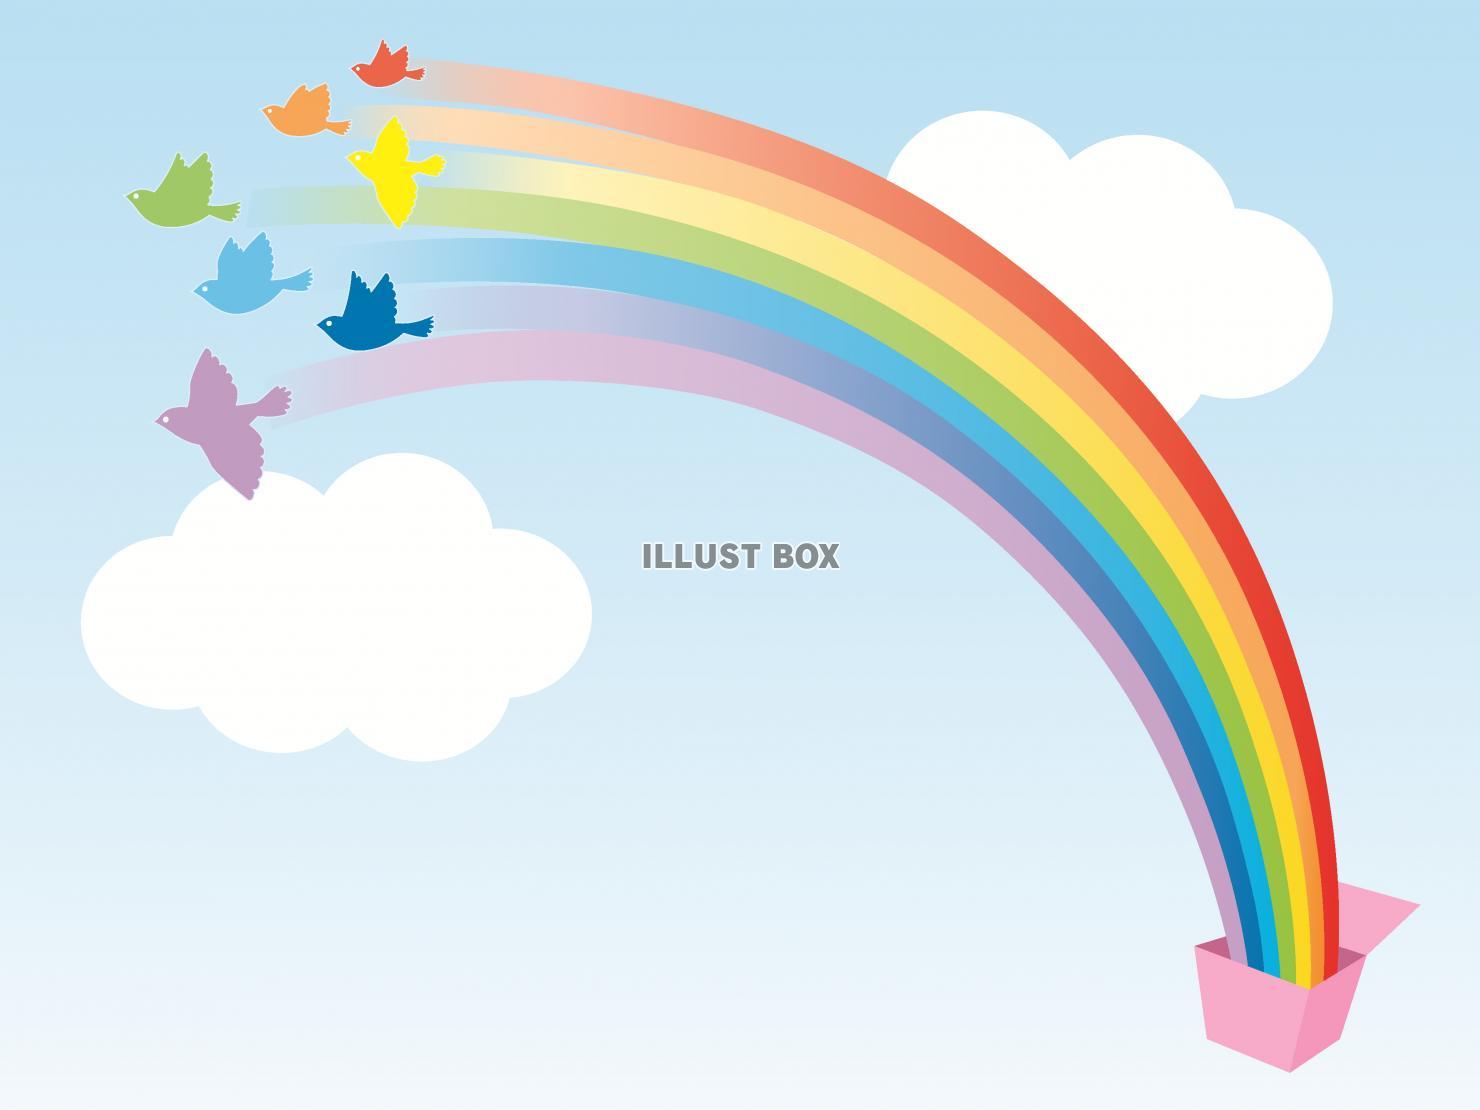 無料イラスト 箱から飛び立つ虹色の鳥たちのイラスト背景あり